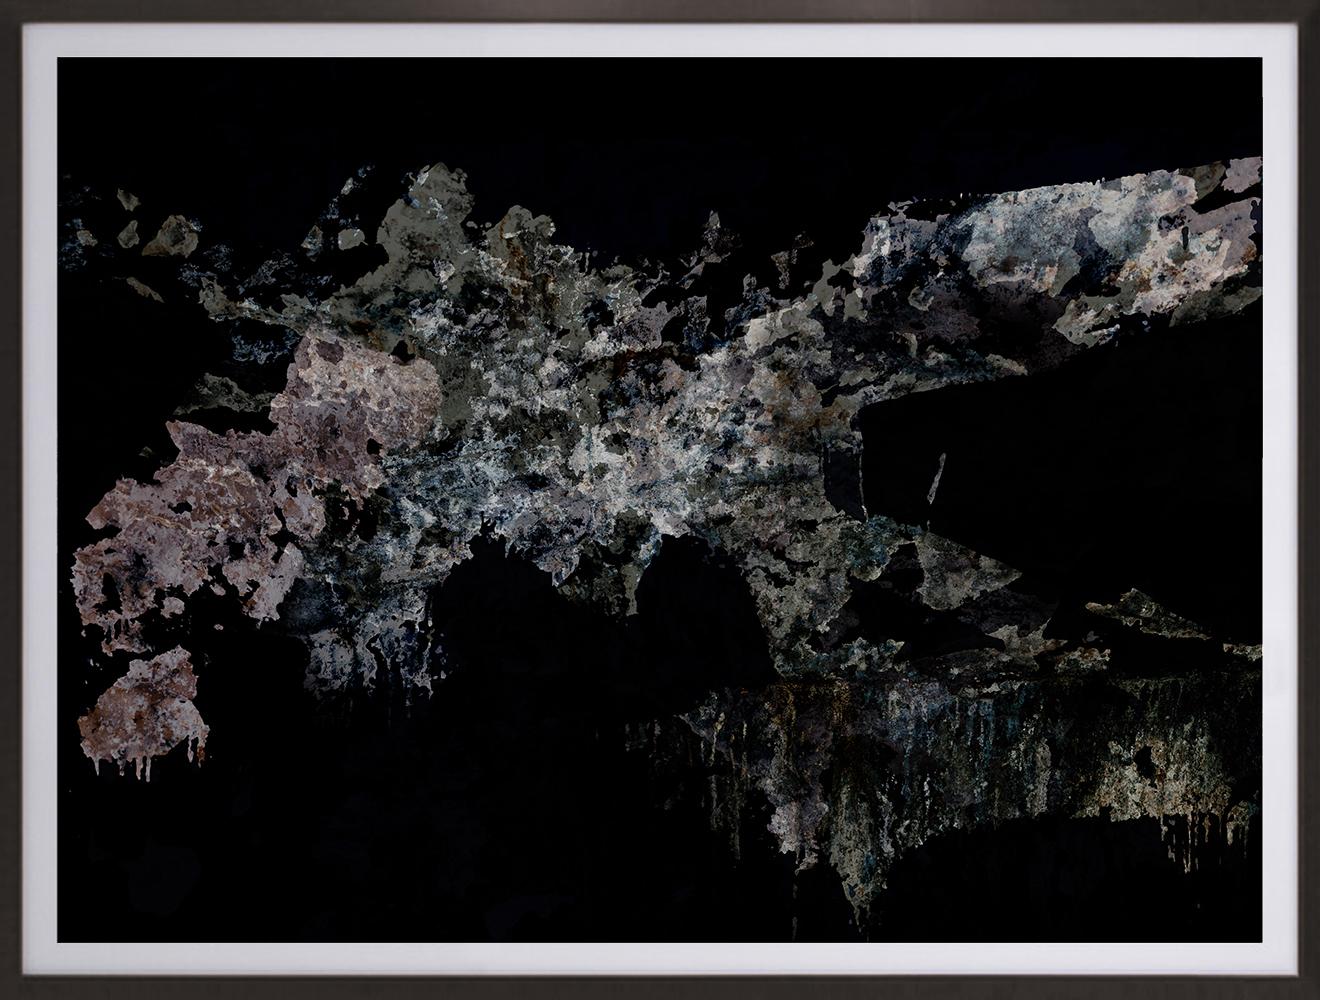 Elias Wessel  Feral 9 , 2015-16 Color Photograph Original: 189,2 x 249,7 cm (framed)